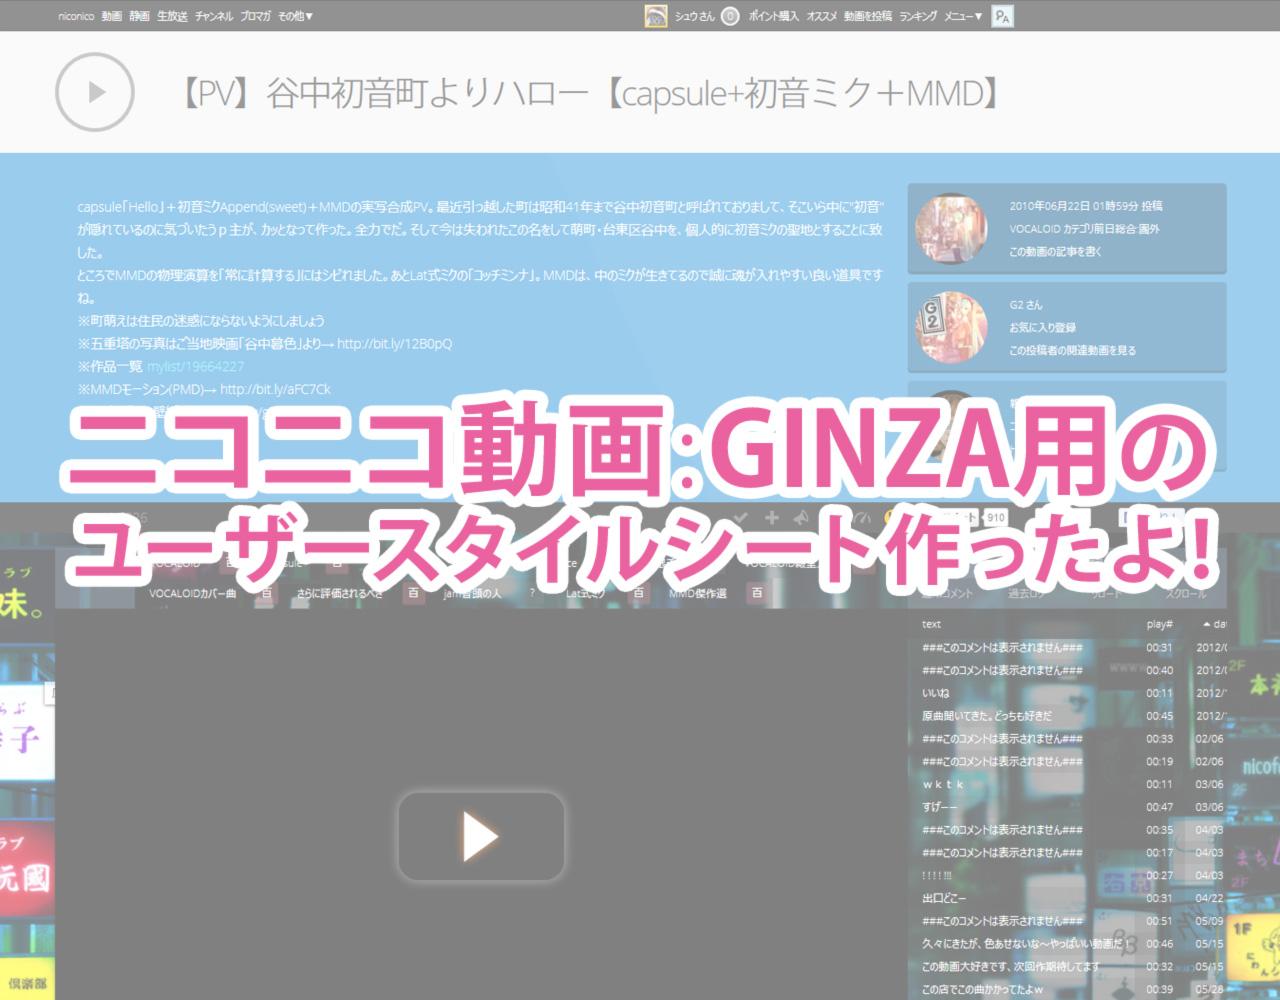 ニコニコ動画:GINZA用のユーザースタイルシート作ったよ!